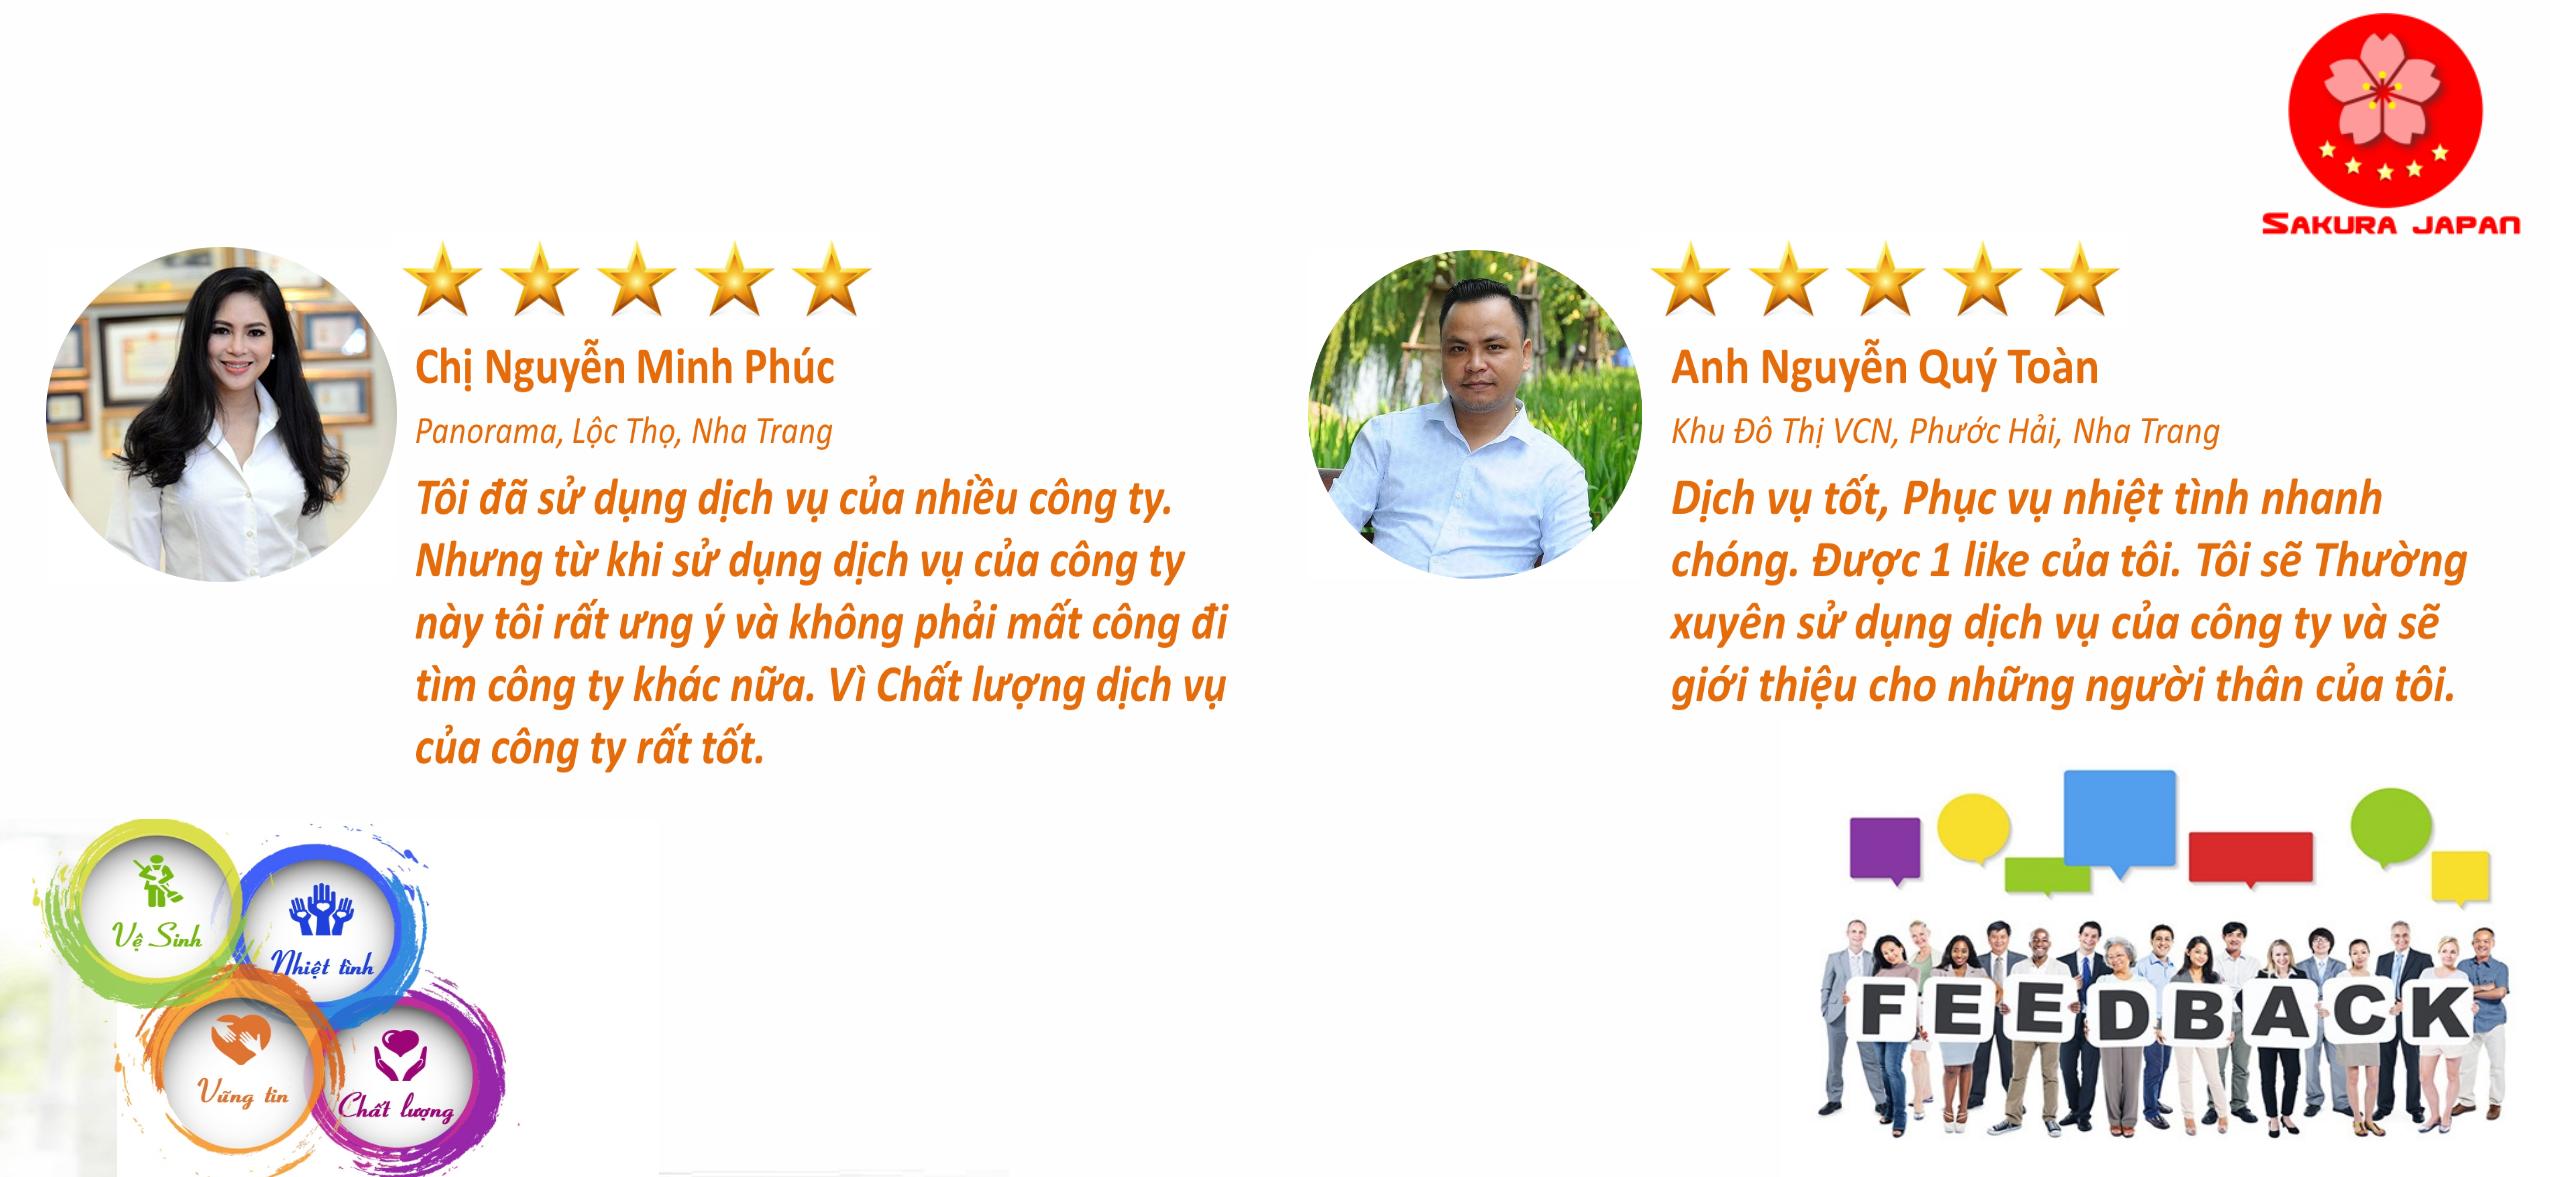 Ý kiến Đánh giá về Dịch vụ vệ sinh Công nghiệp tại Nha Trang Sakura